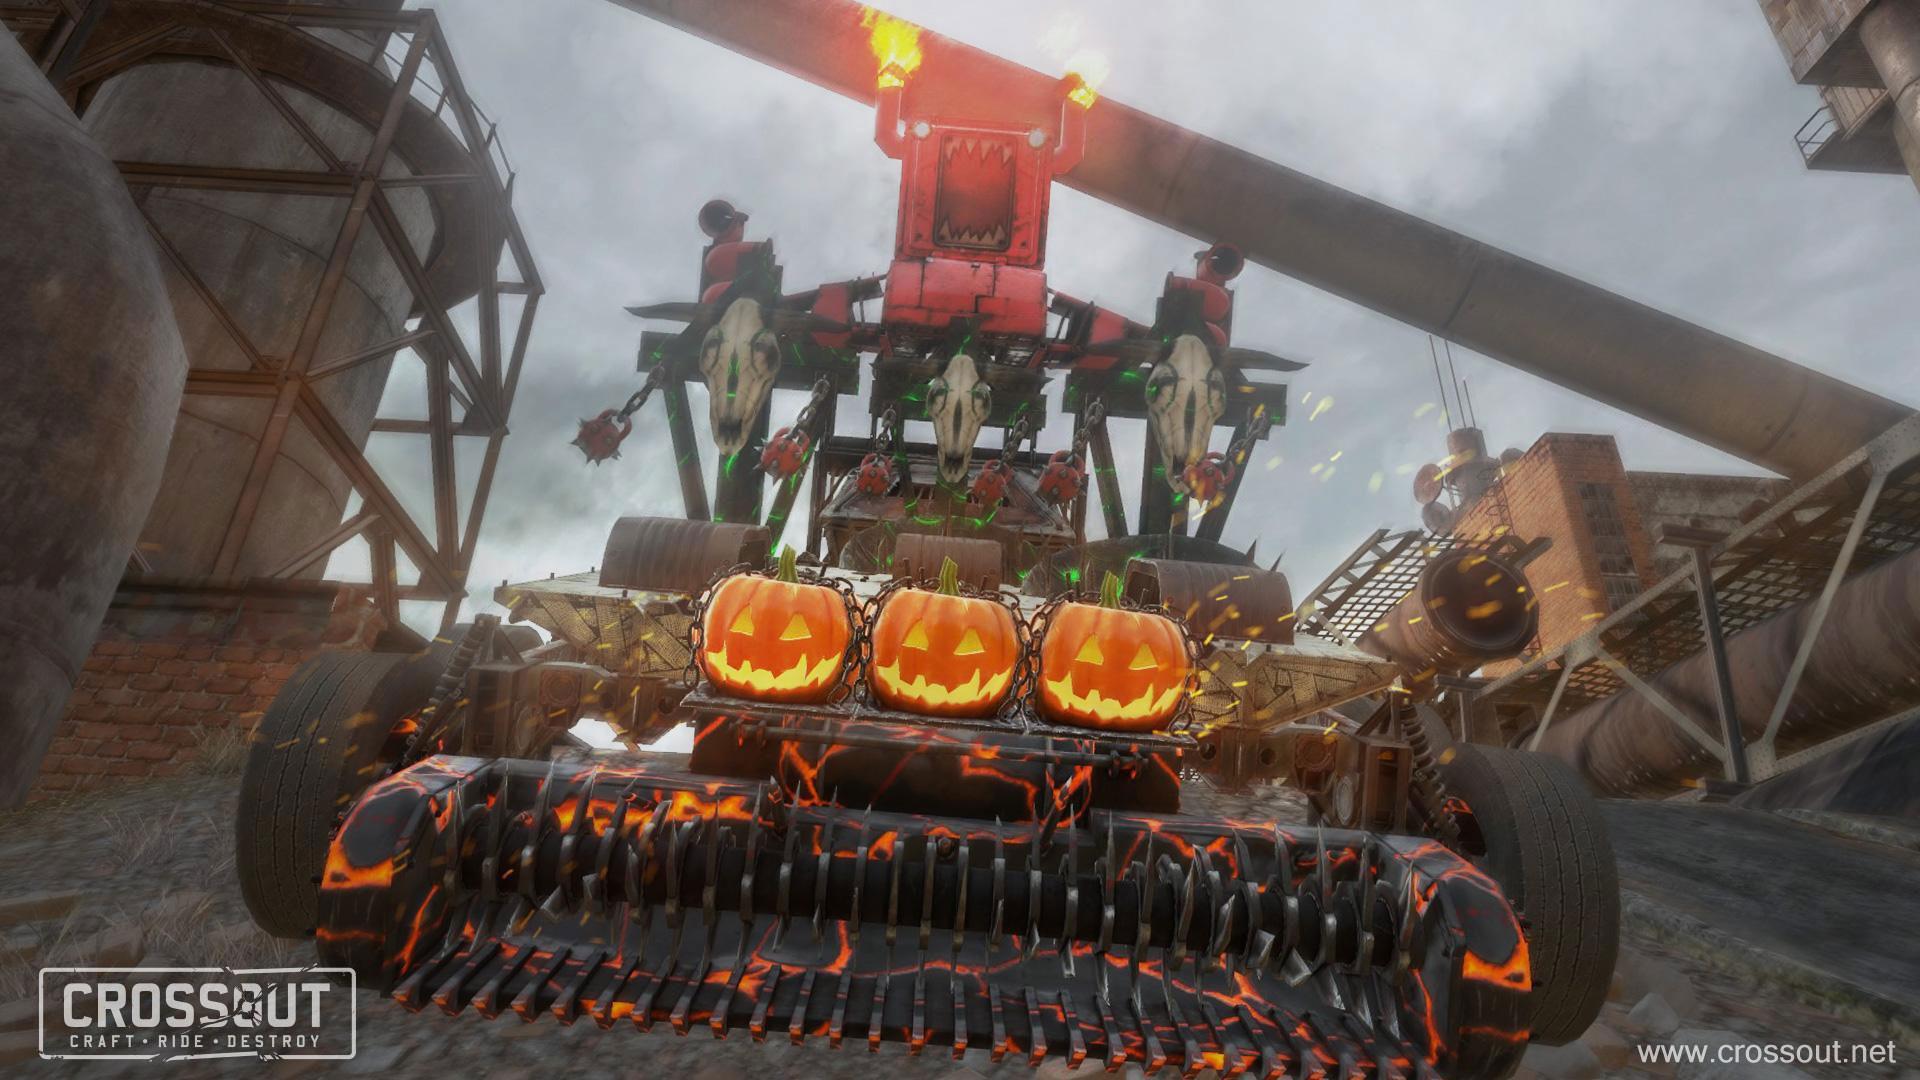 В Crossout стартовал хэллоуинский ивент с новыми предметами, миссиями и наградами